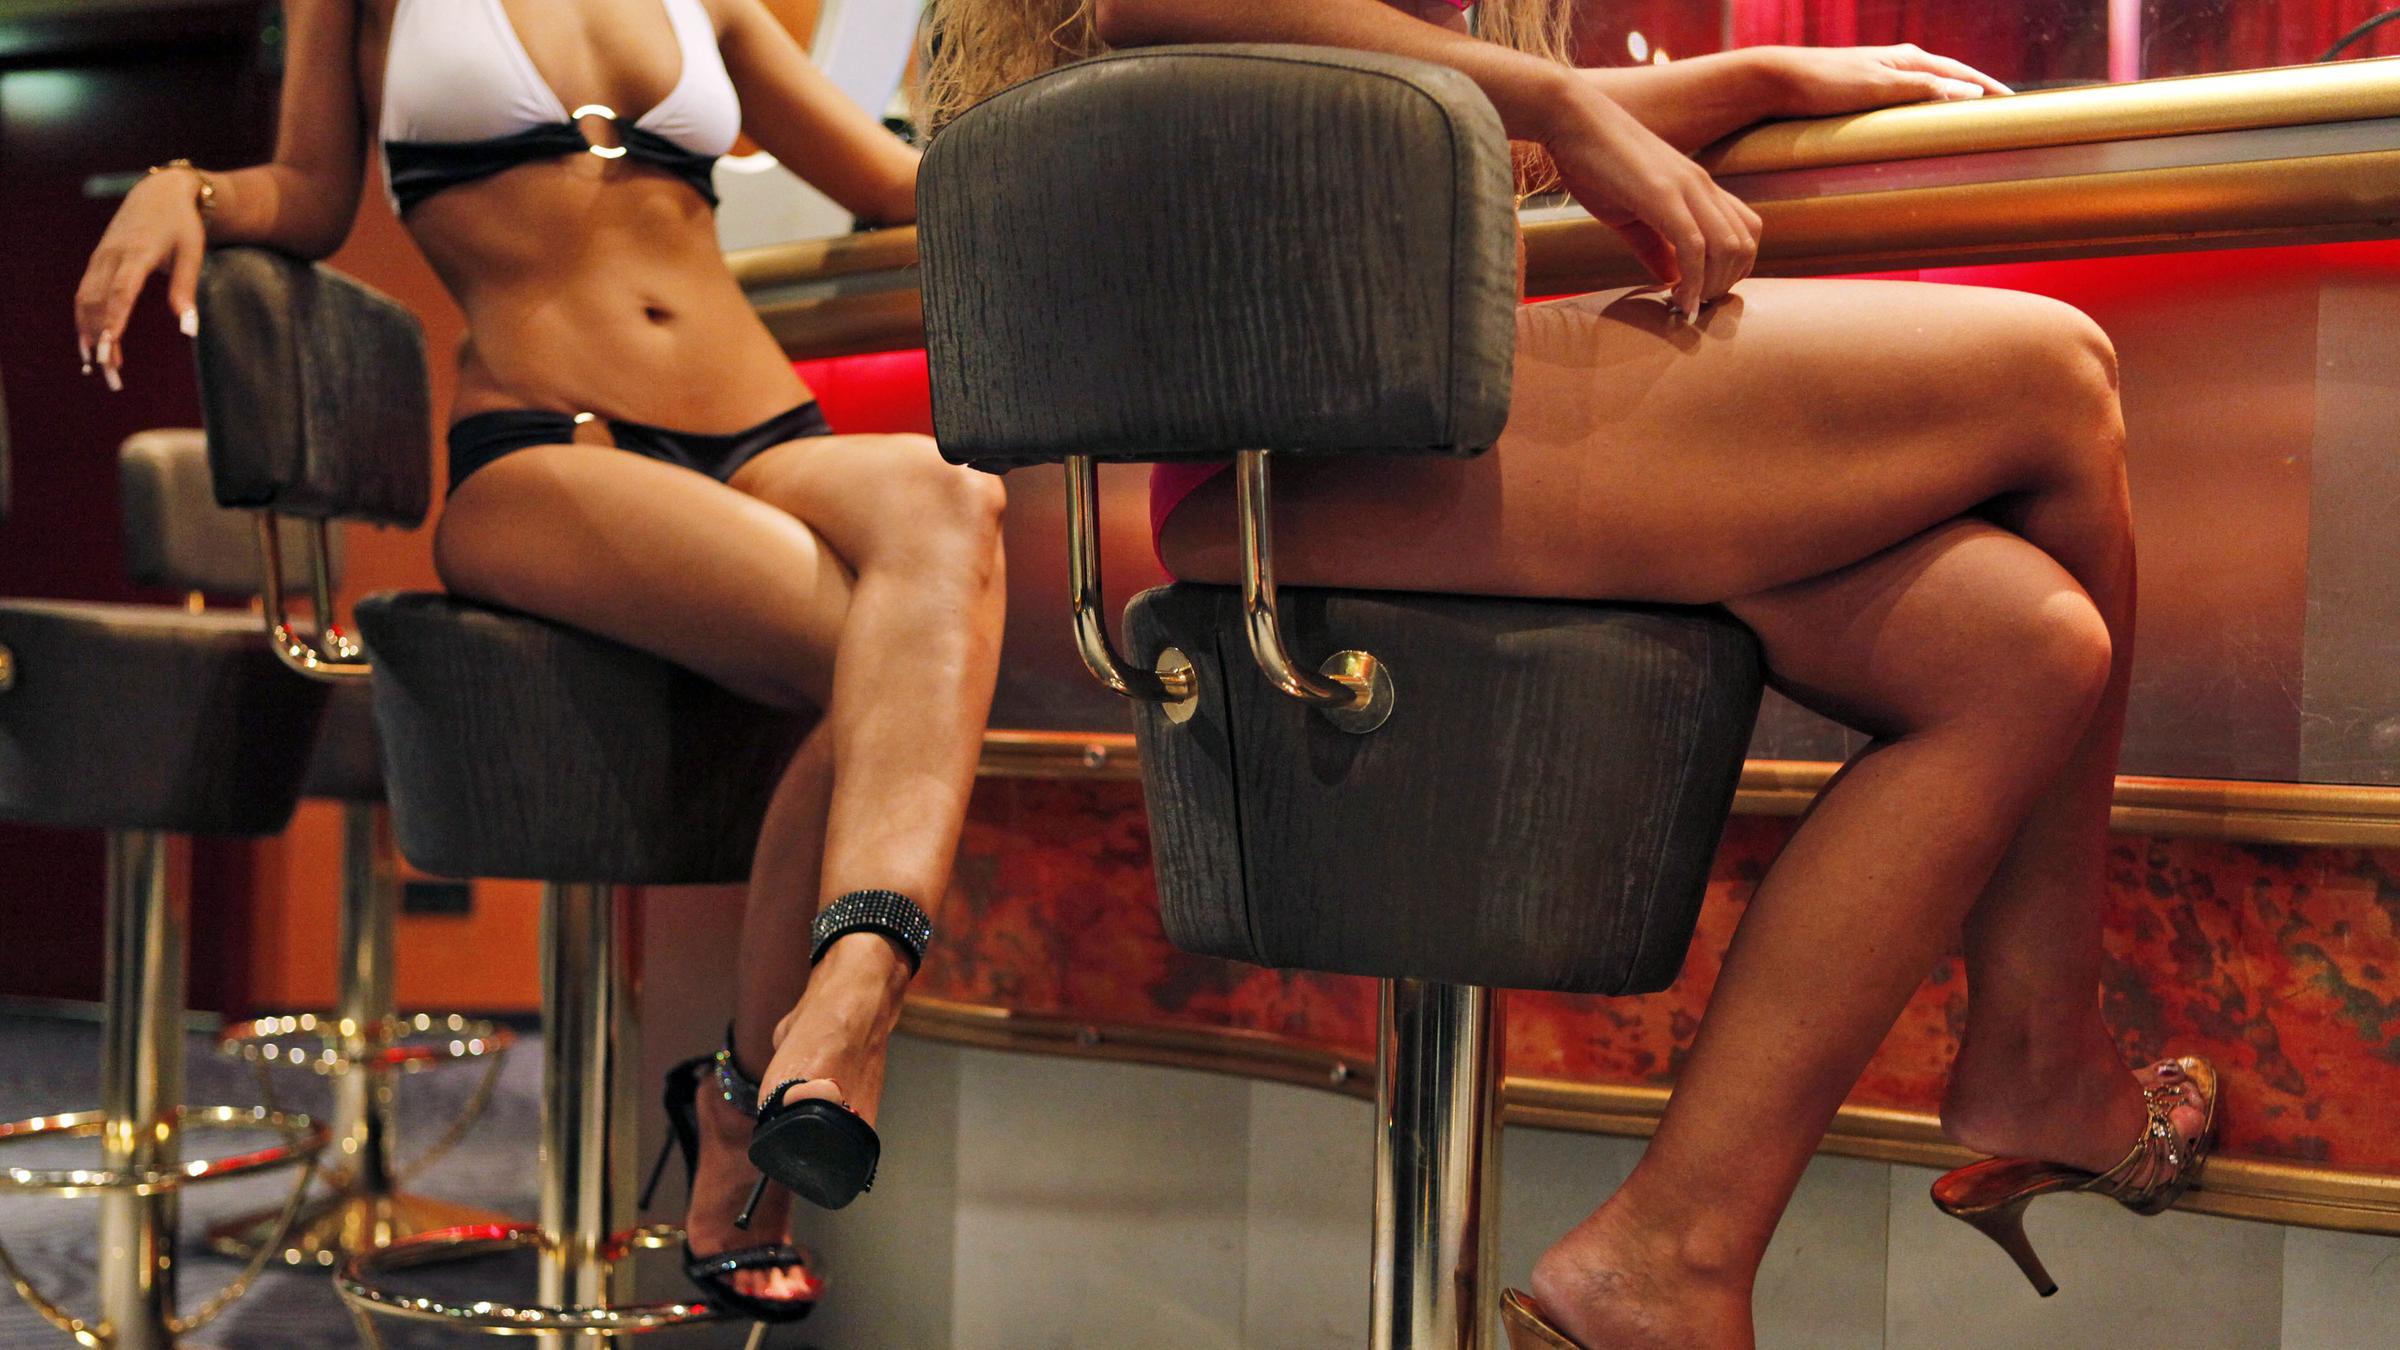 Kurfürstenstraße prostitution